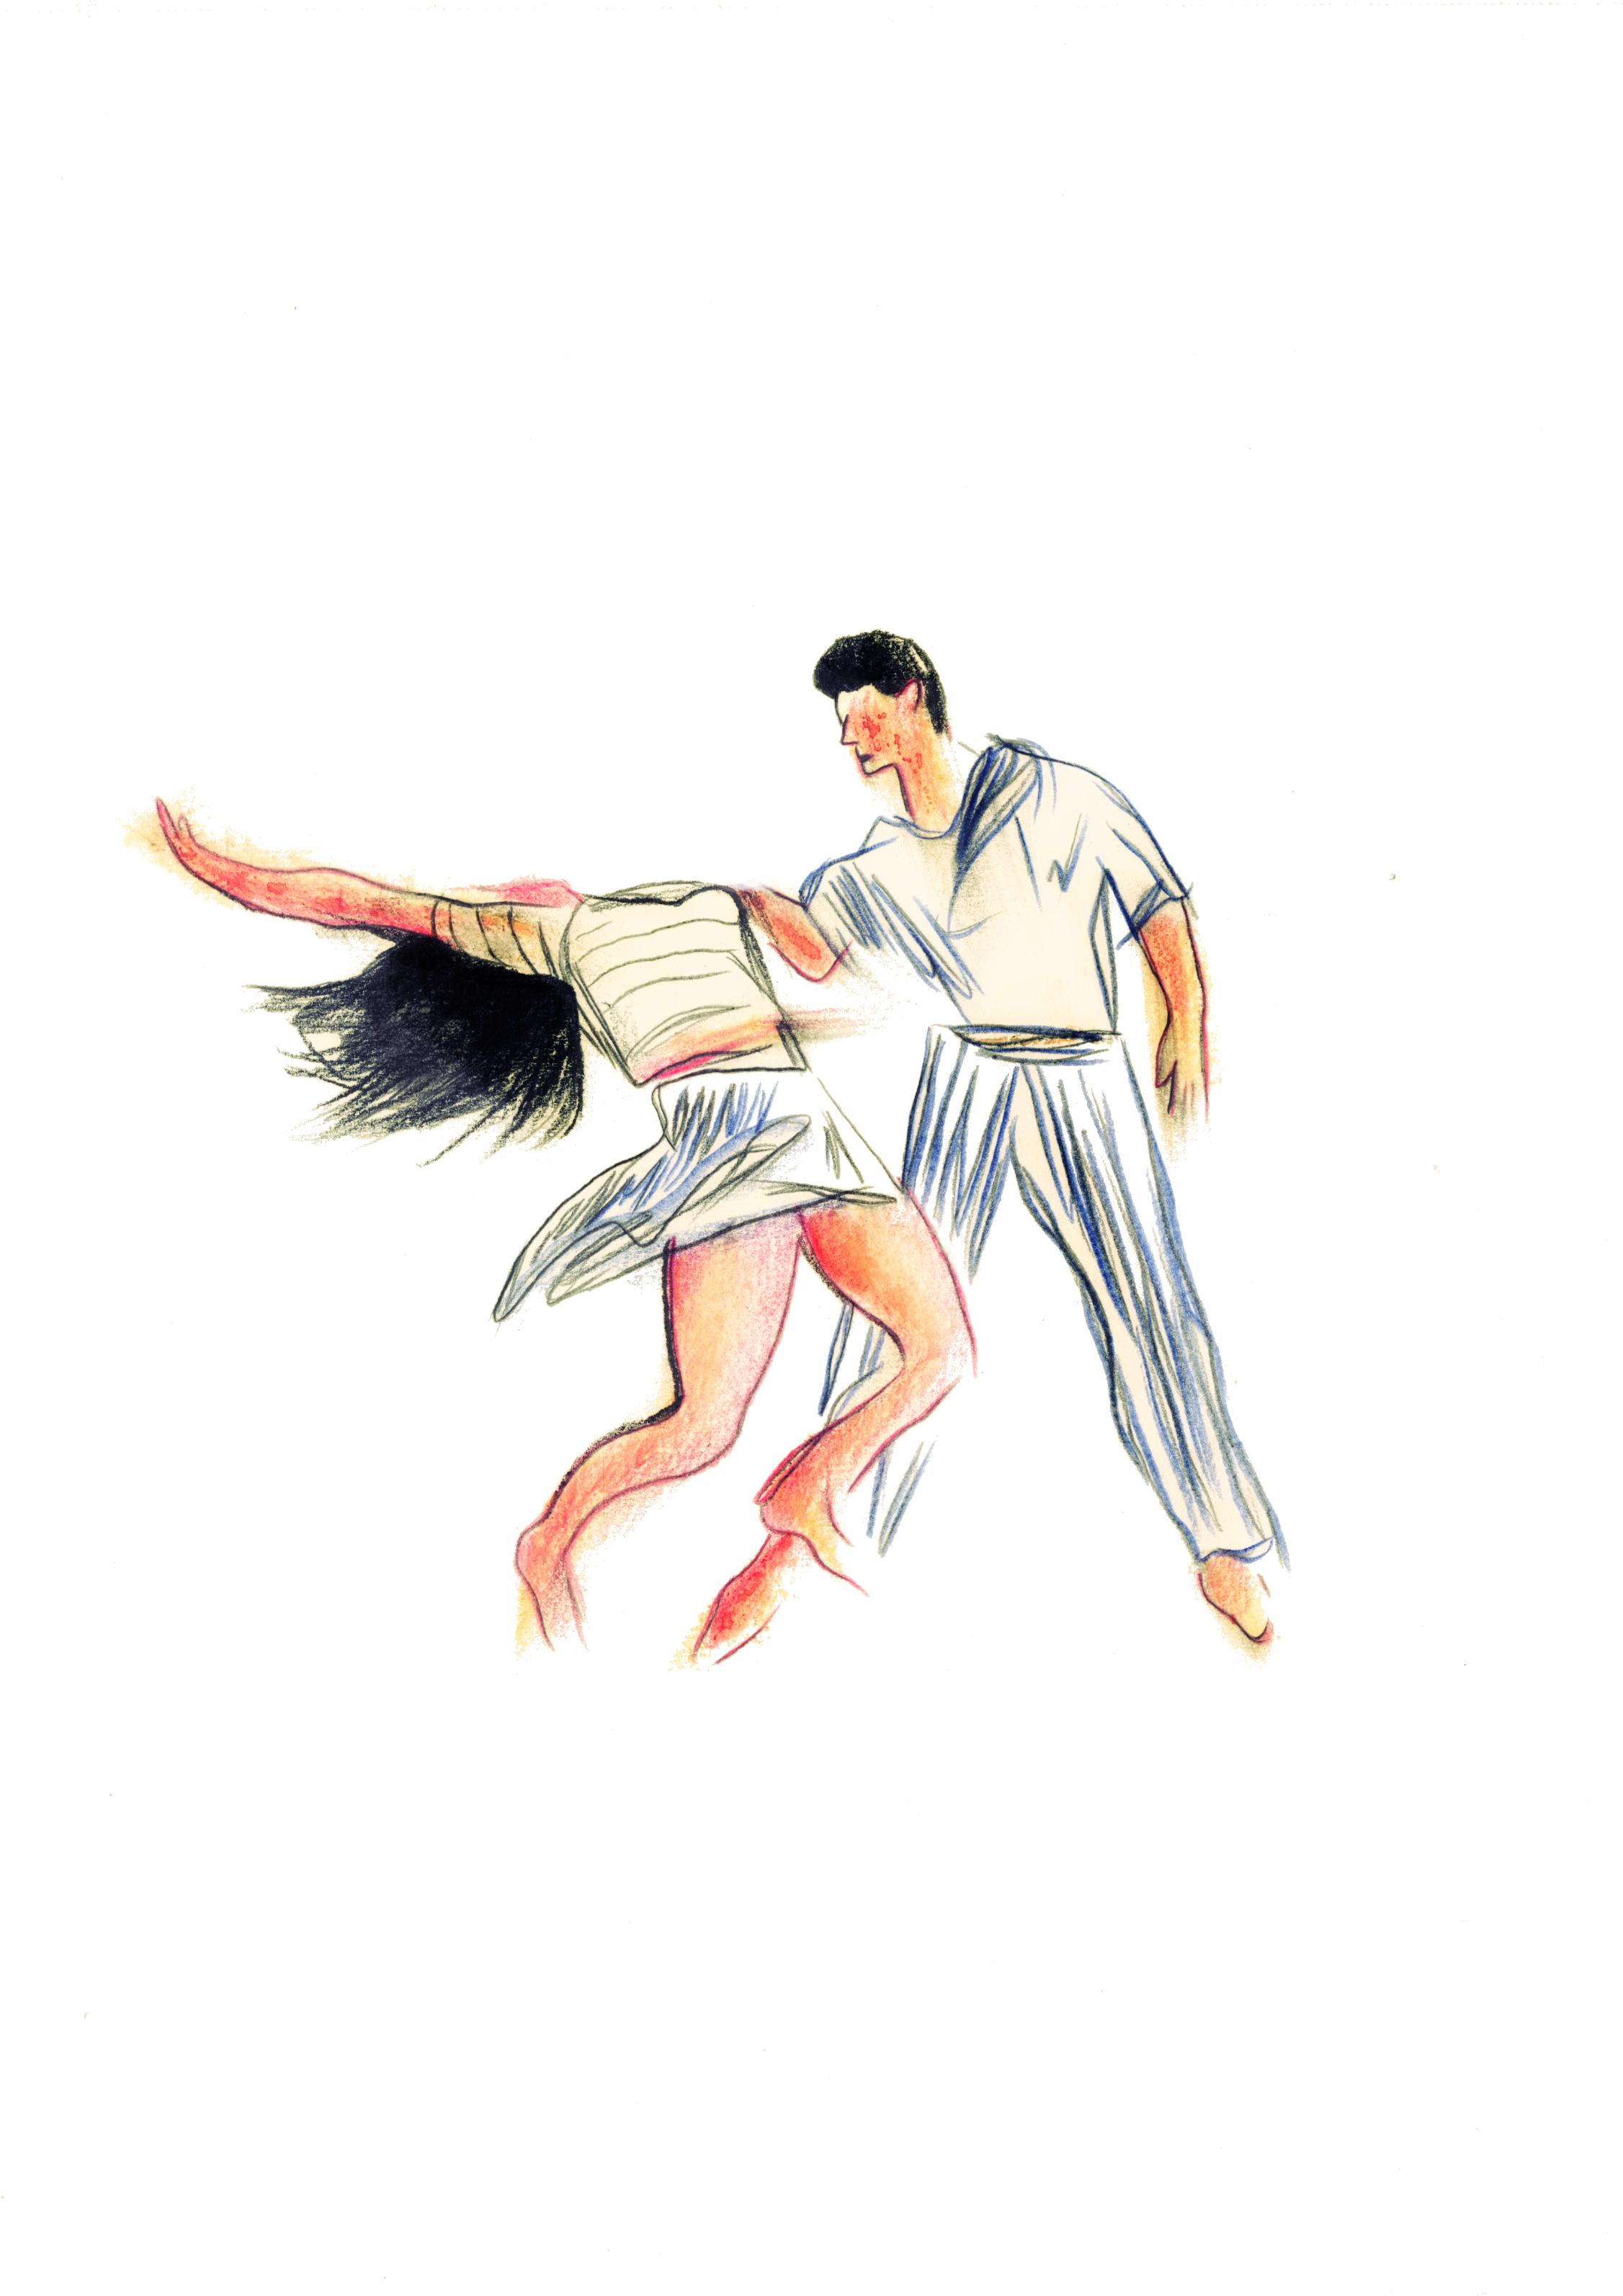 Danse 5 | GALERIE TREIZE DIX / DANSE #5 | NOÉMIE CHUST